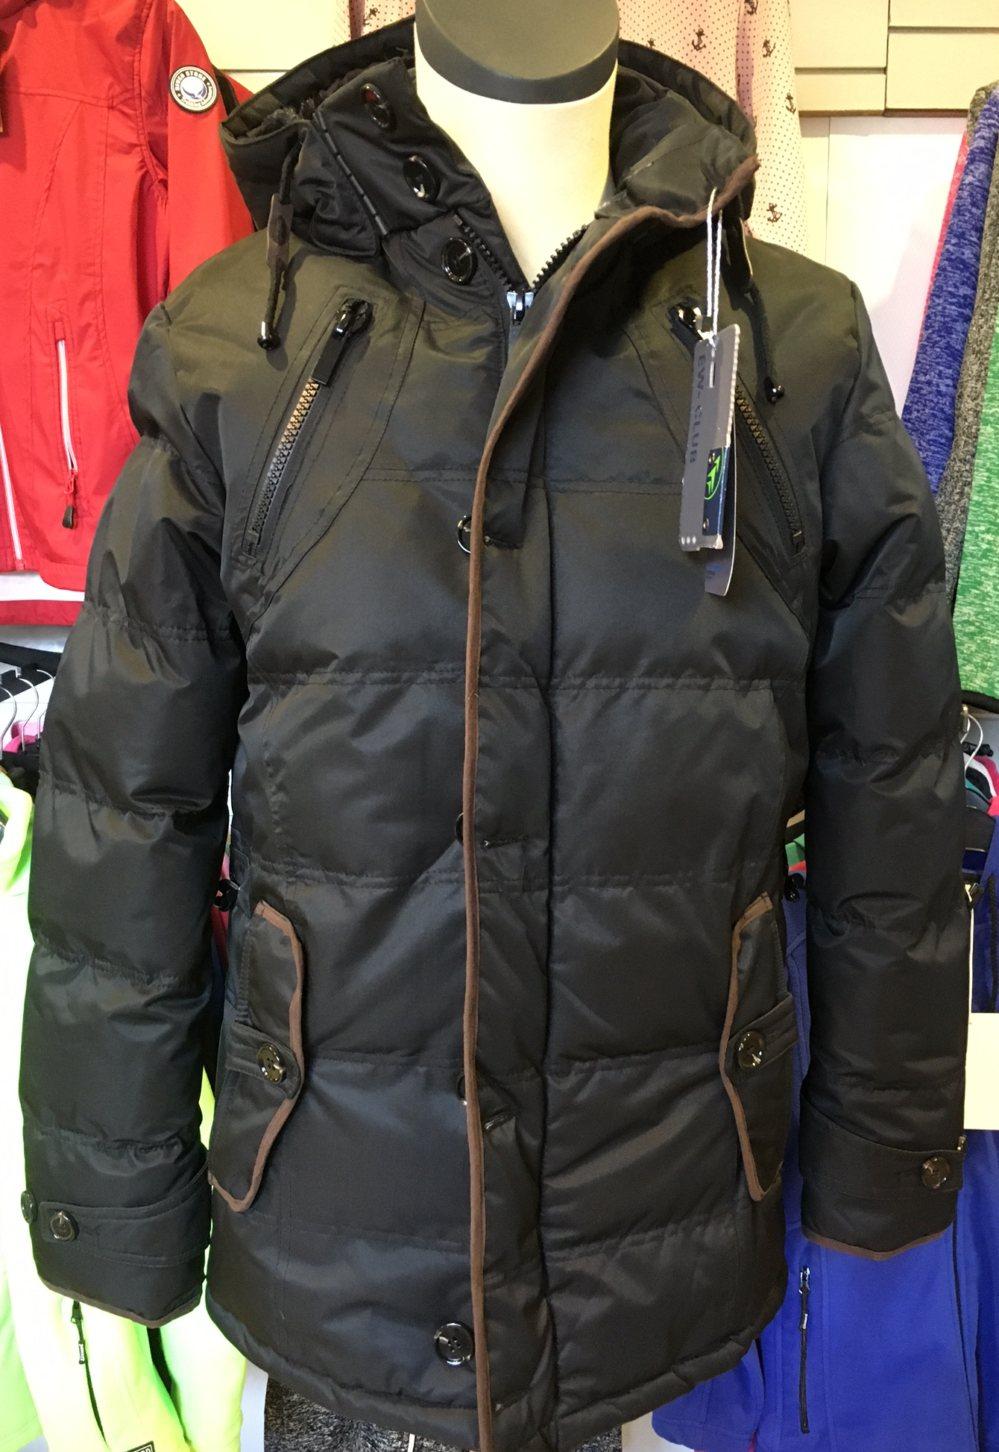 Winterjas Xxxl Heren.Warme Heren Winterjas Lizzardsports 99 95 Xcellent Rider